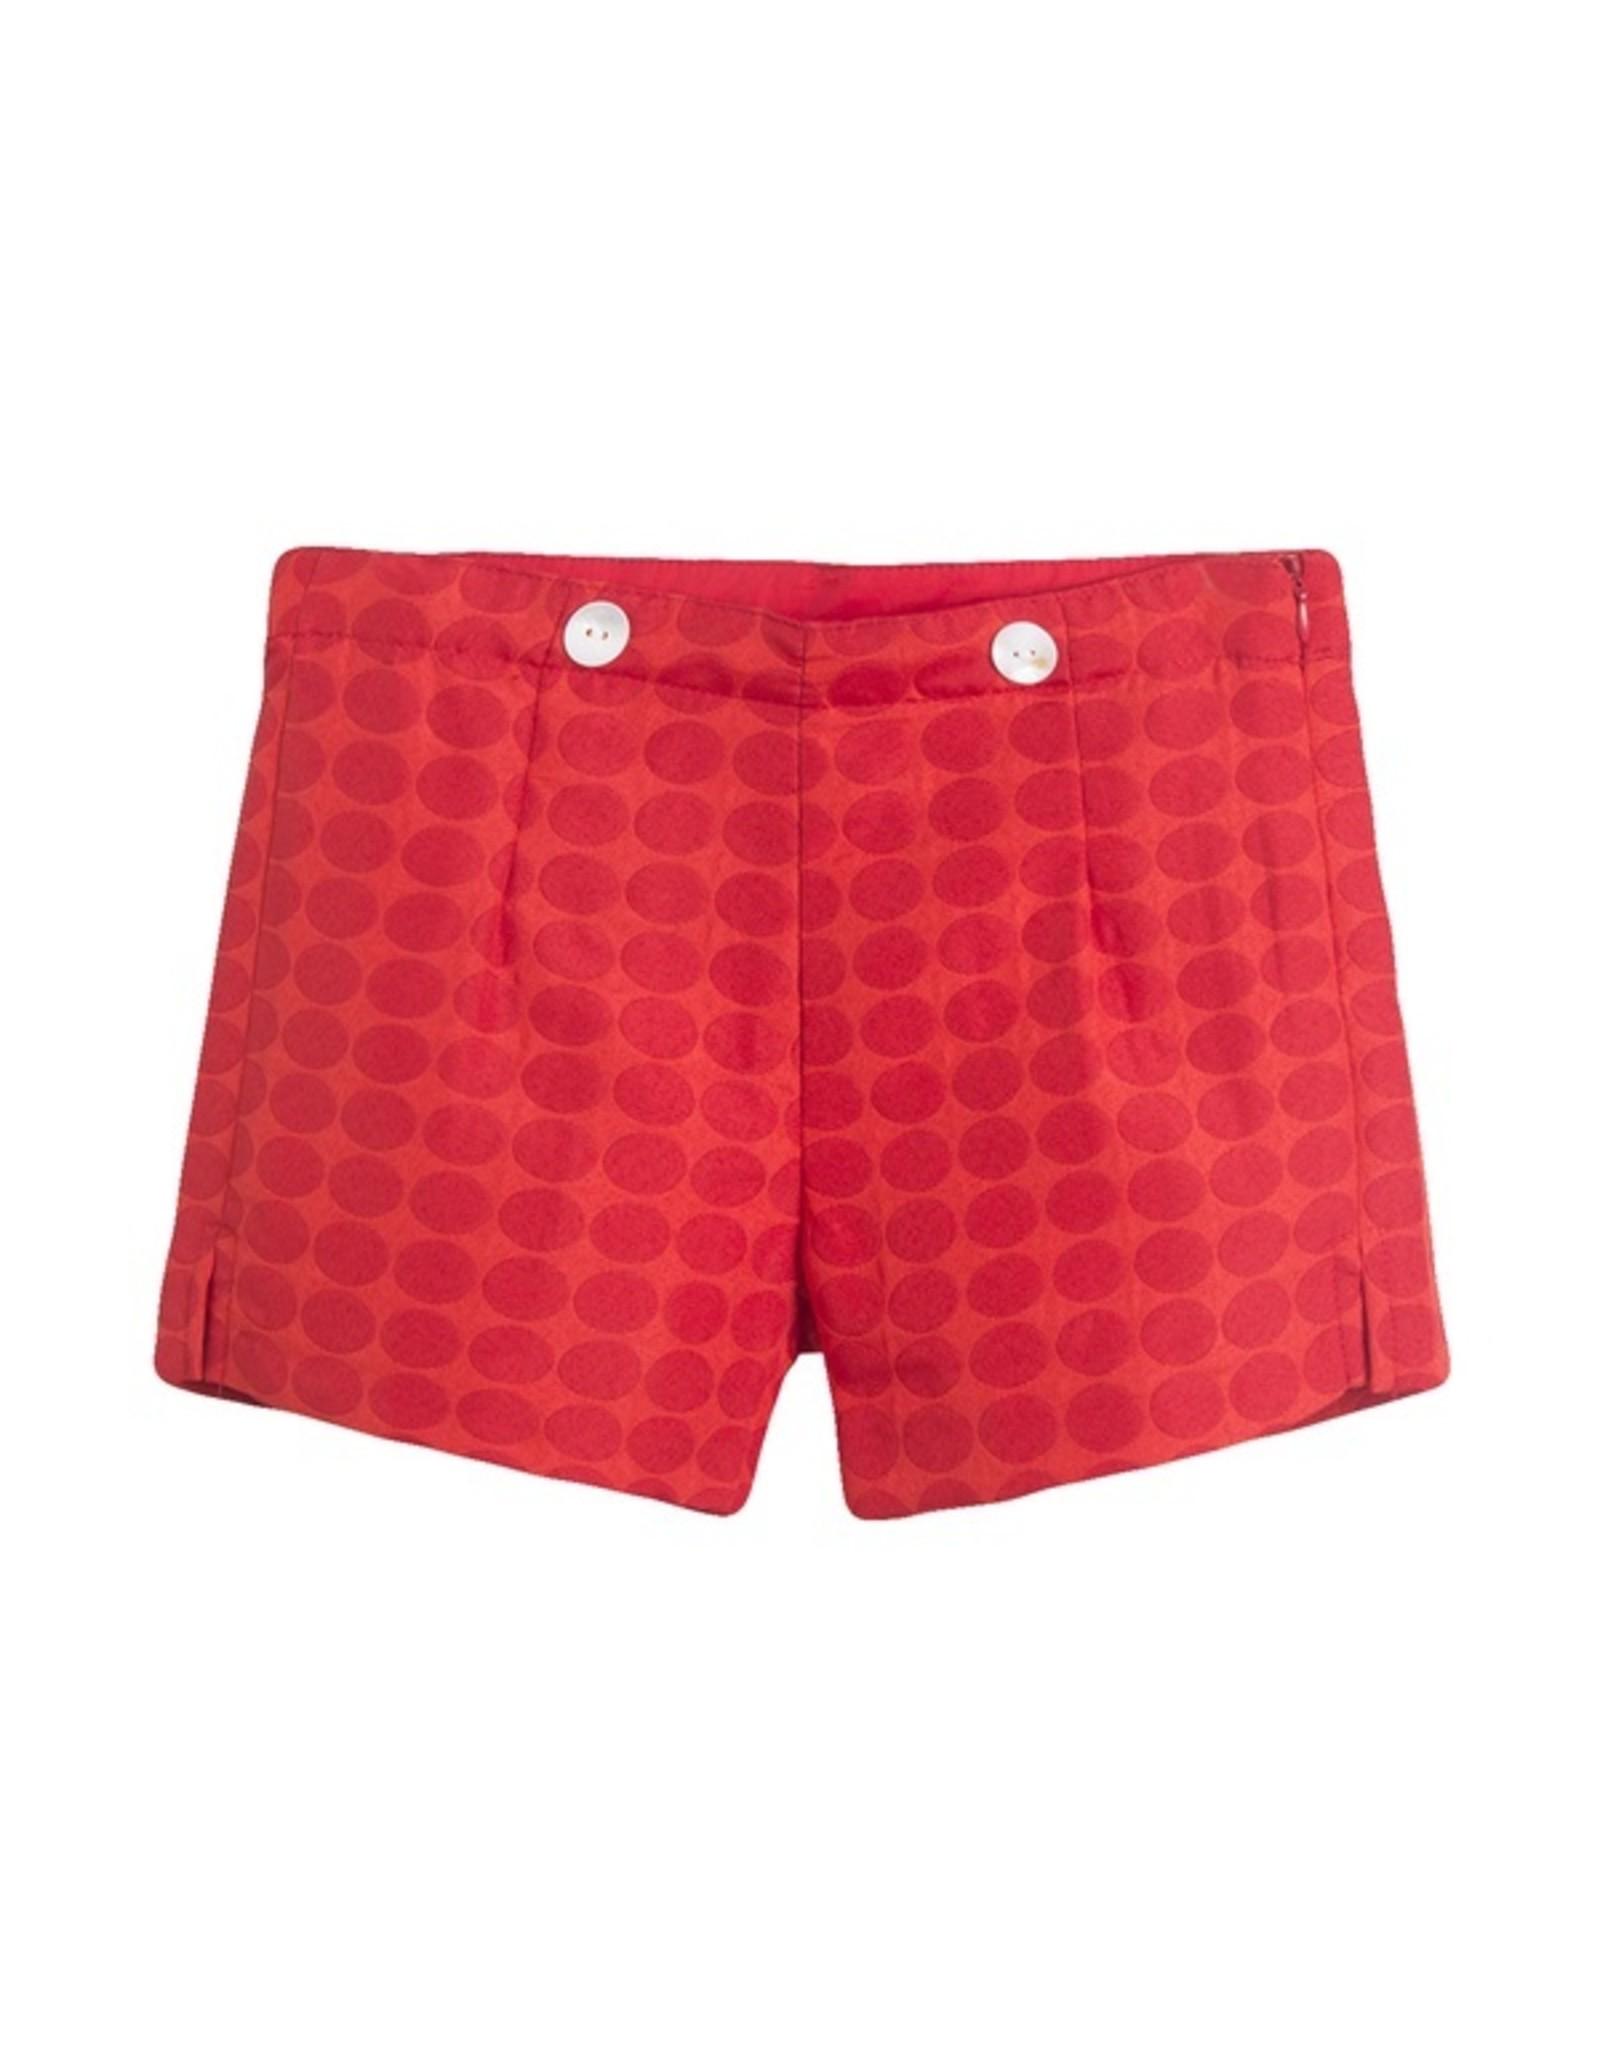 Short ''Newness rojo'' JGV99746